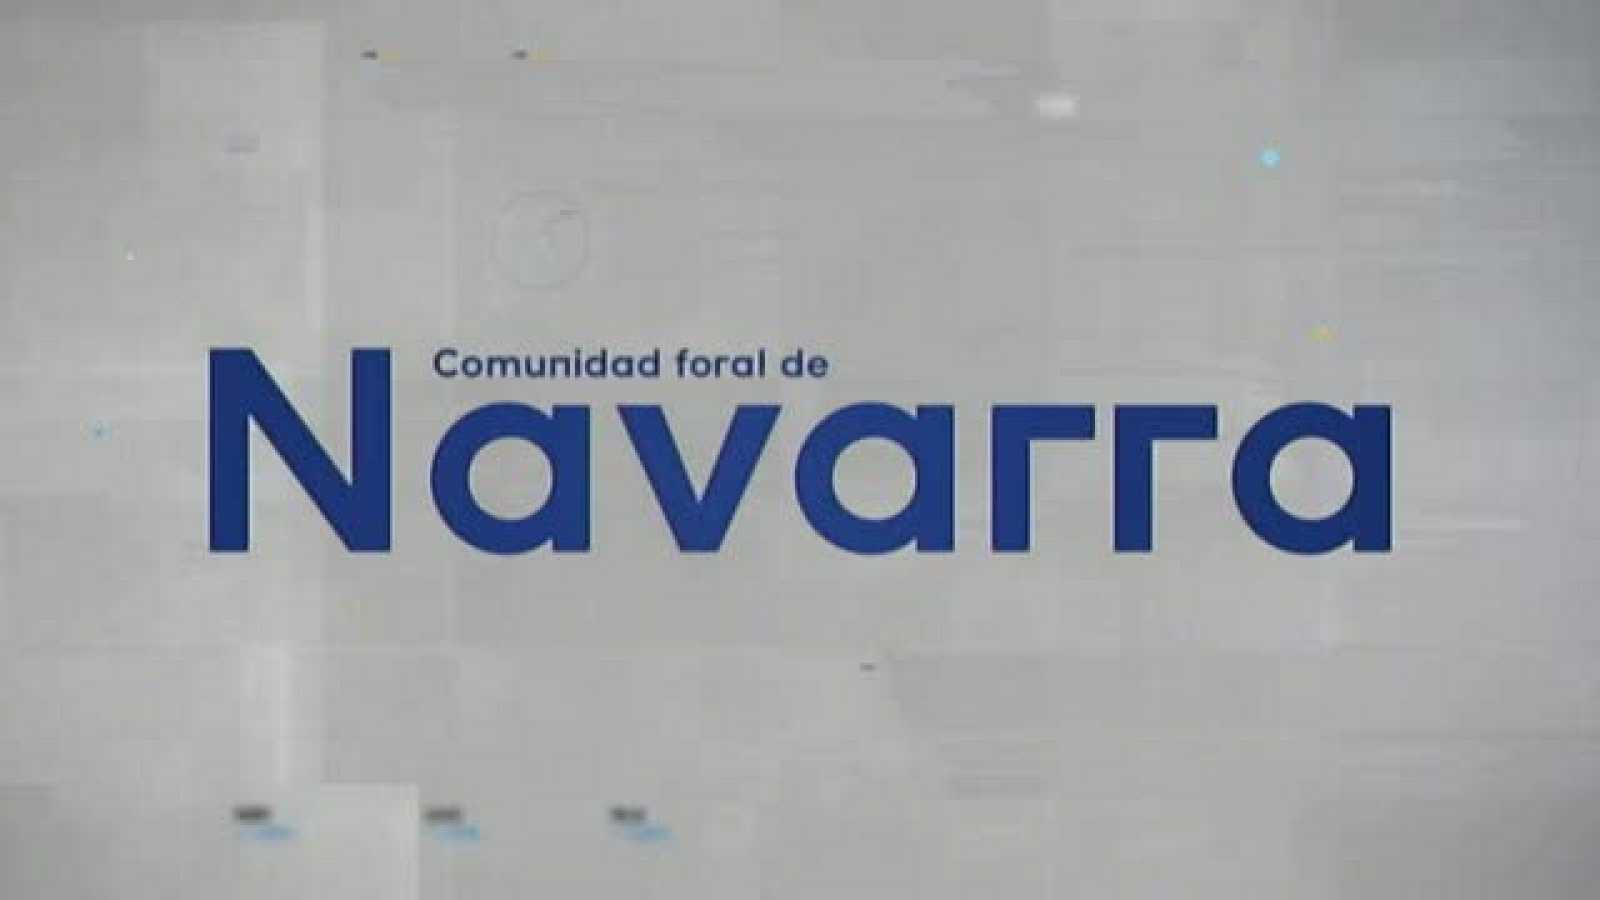 Telenavarra -  16/2/2021